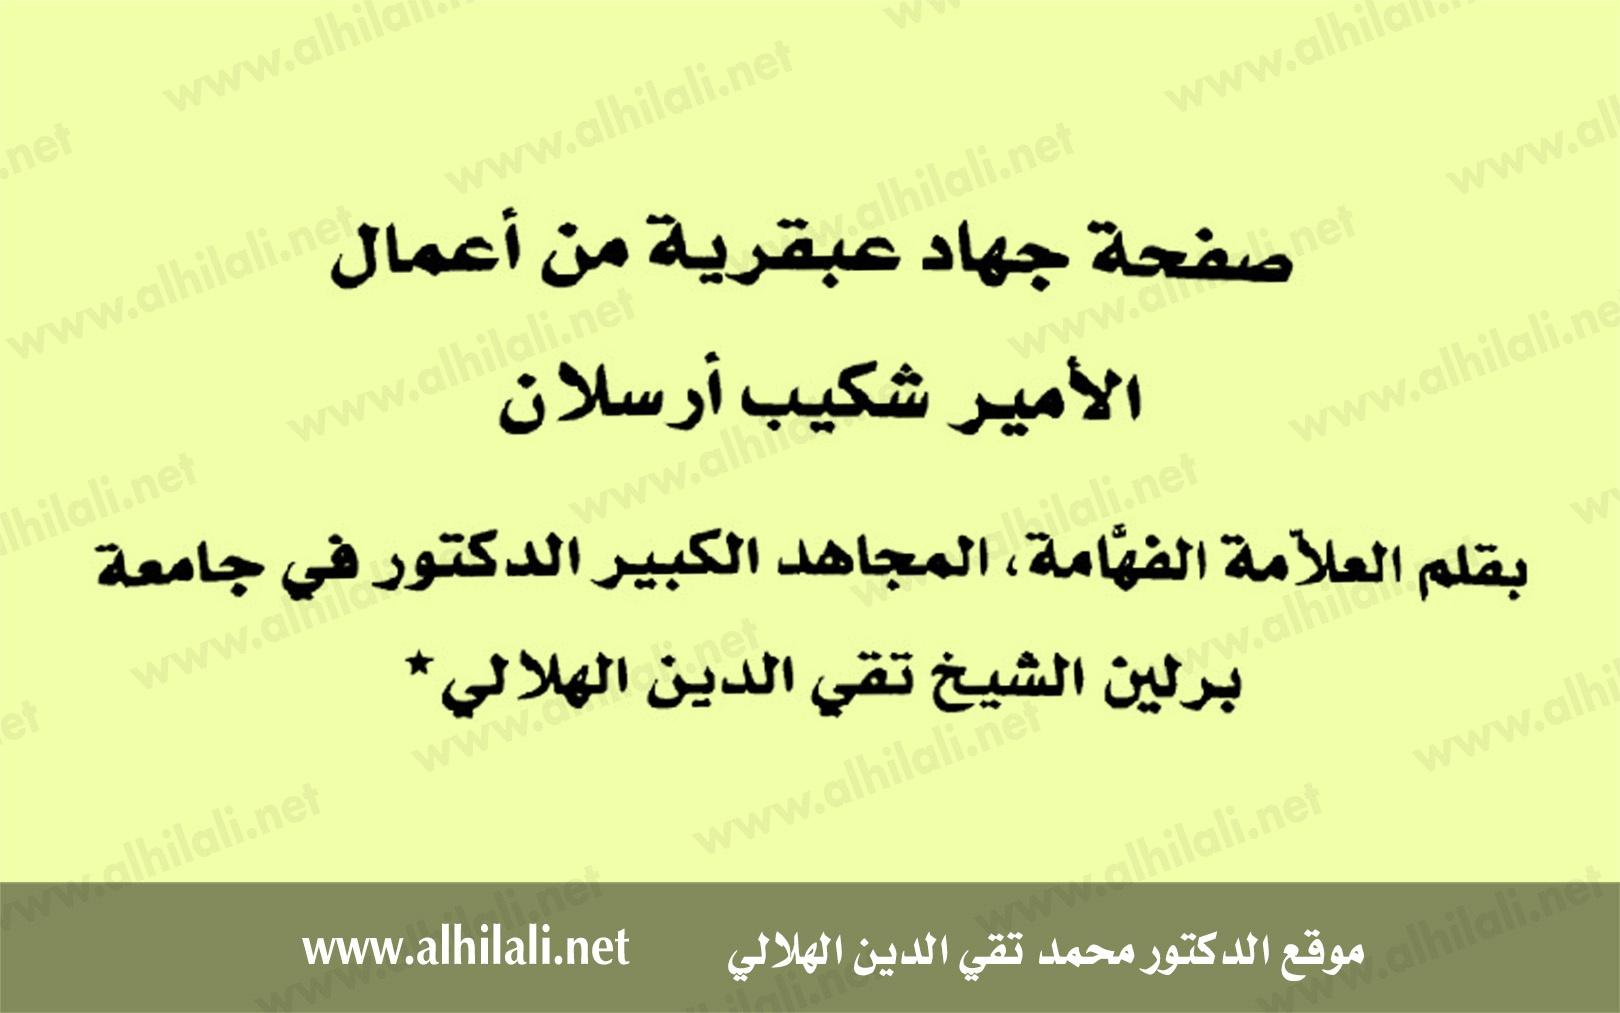 ضفحة جهاد عبقرية أرسلان - الهلالي